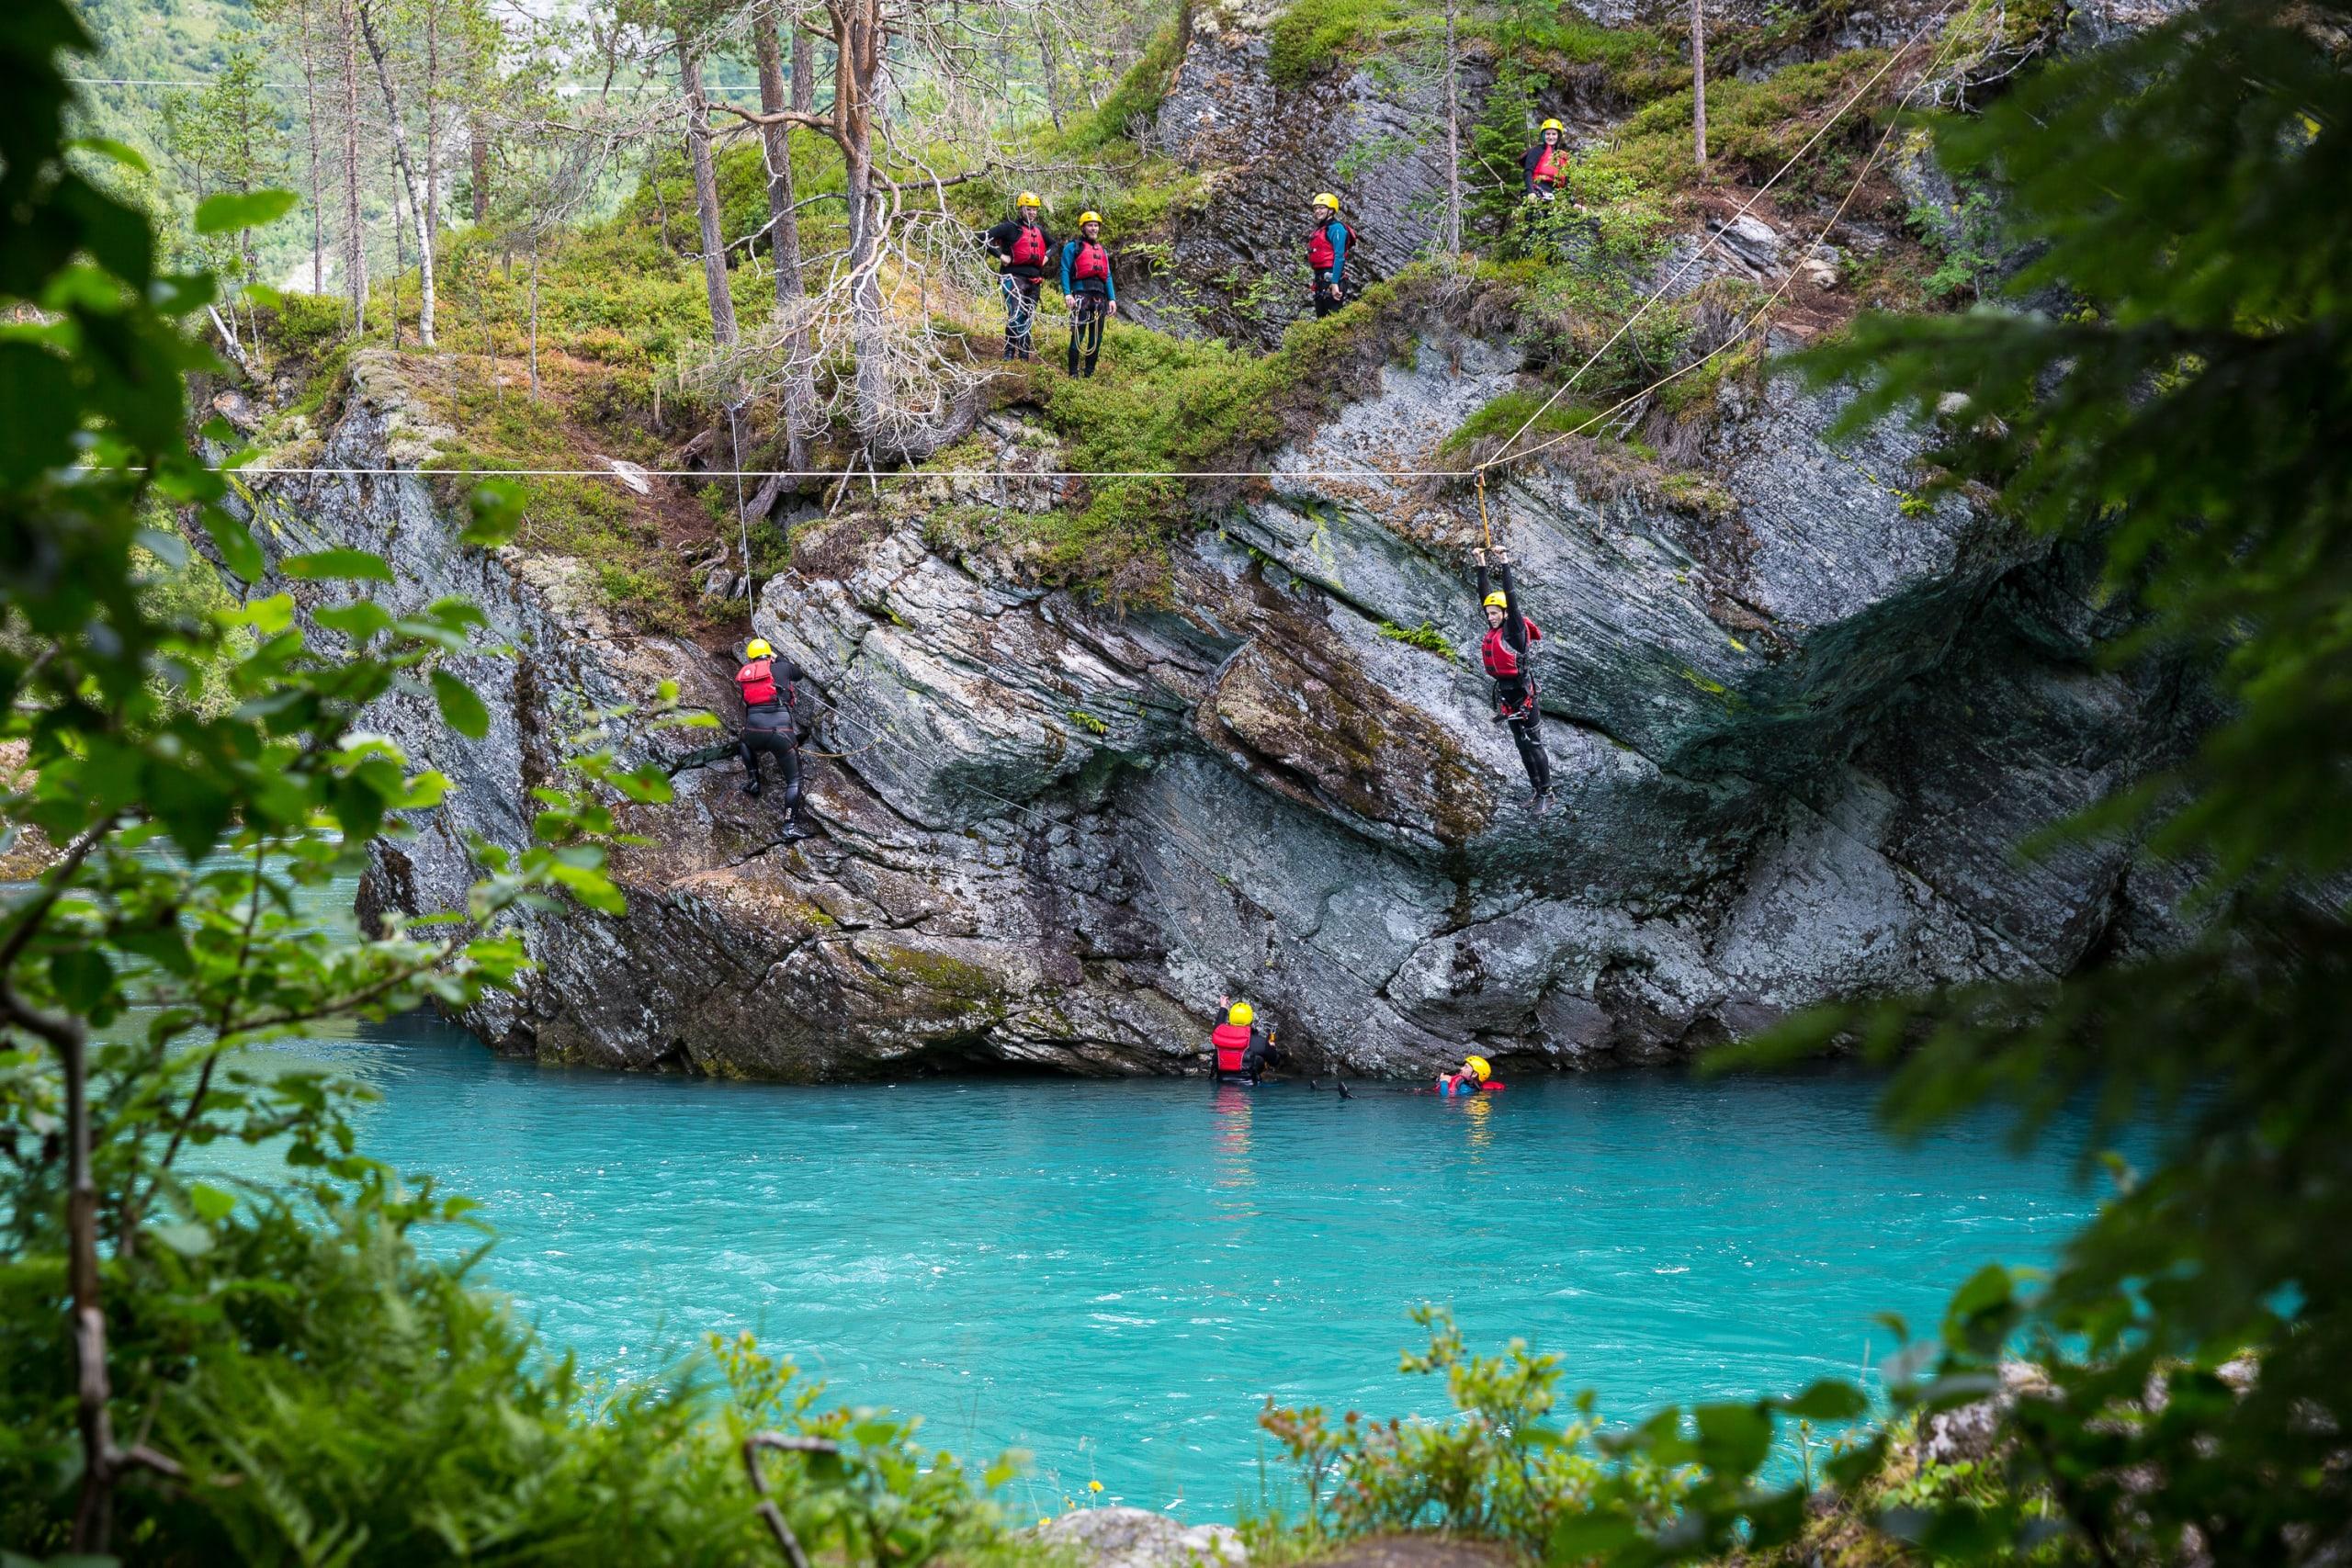 Canyoning at Gudbrands Canyon outside Valldal